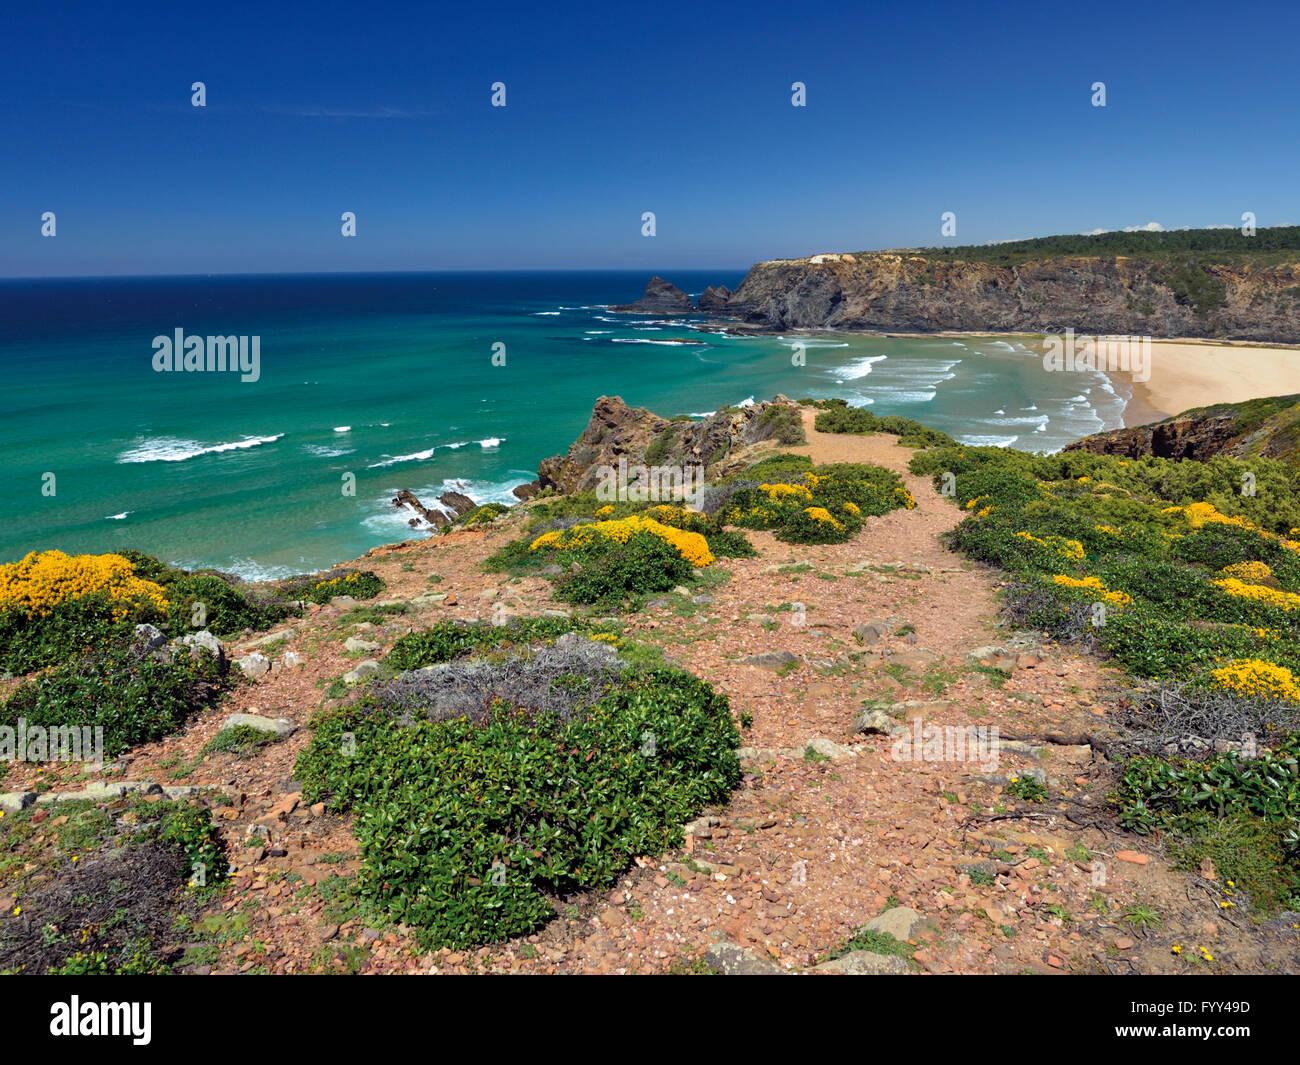 Portugal, Algarve: Blick Aufs Meer Von Klippen Mit